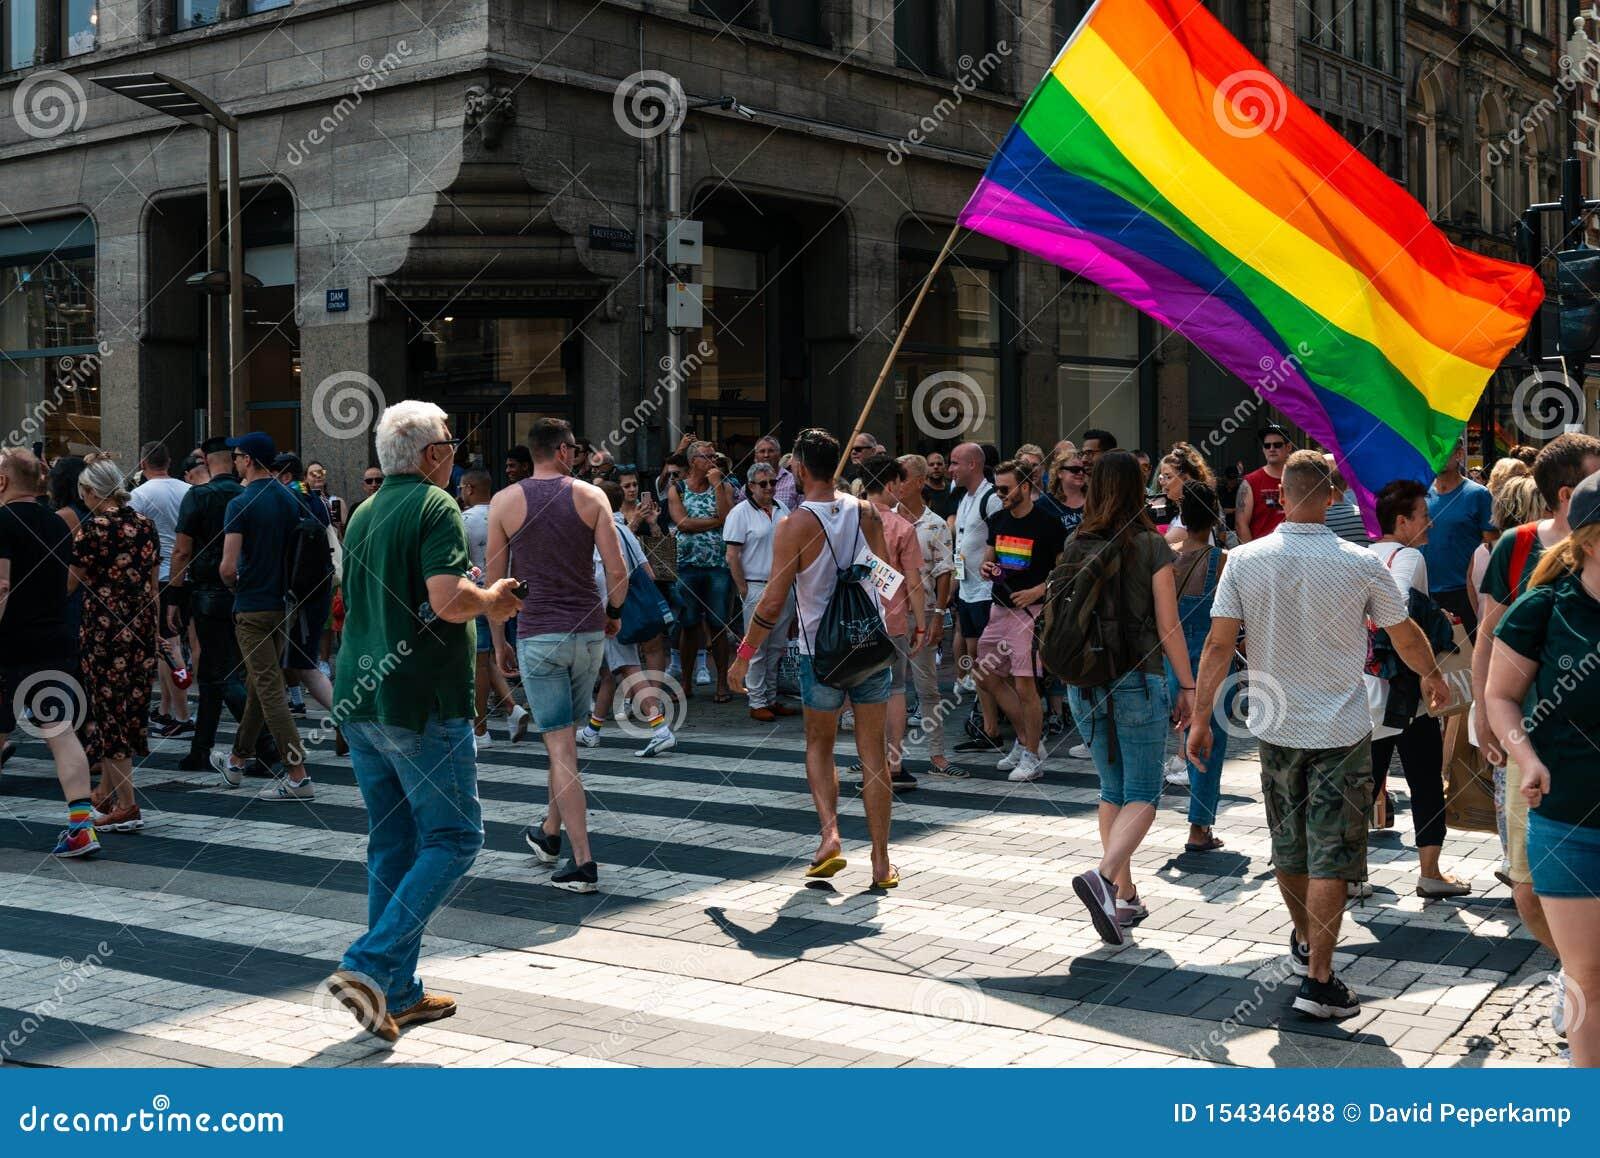 DUTCH GAY FLAG